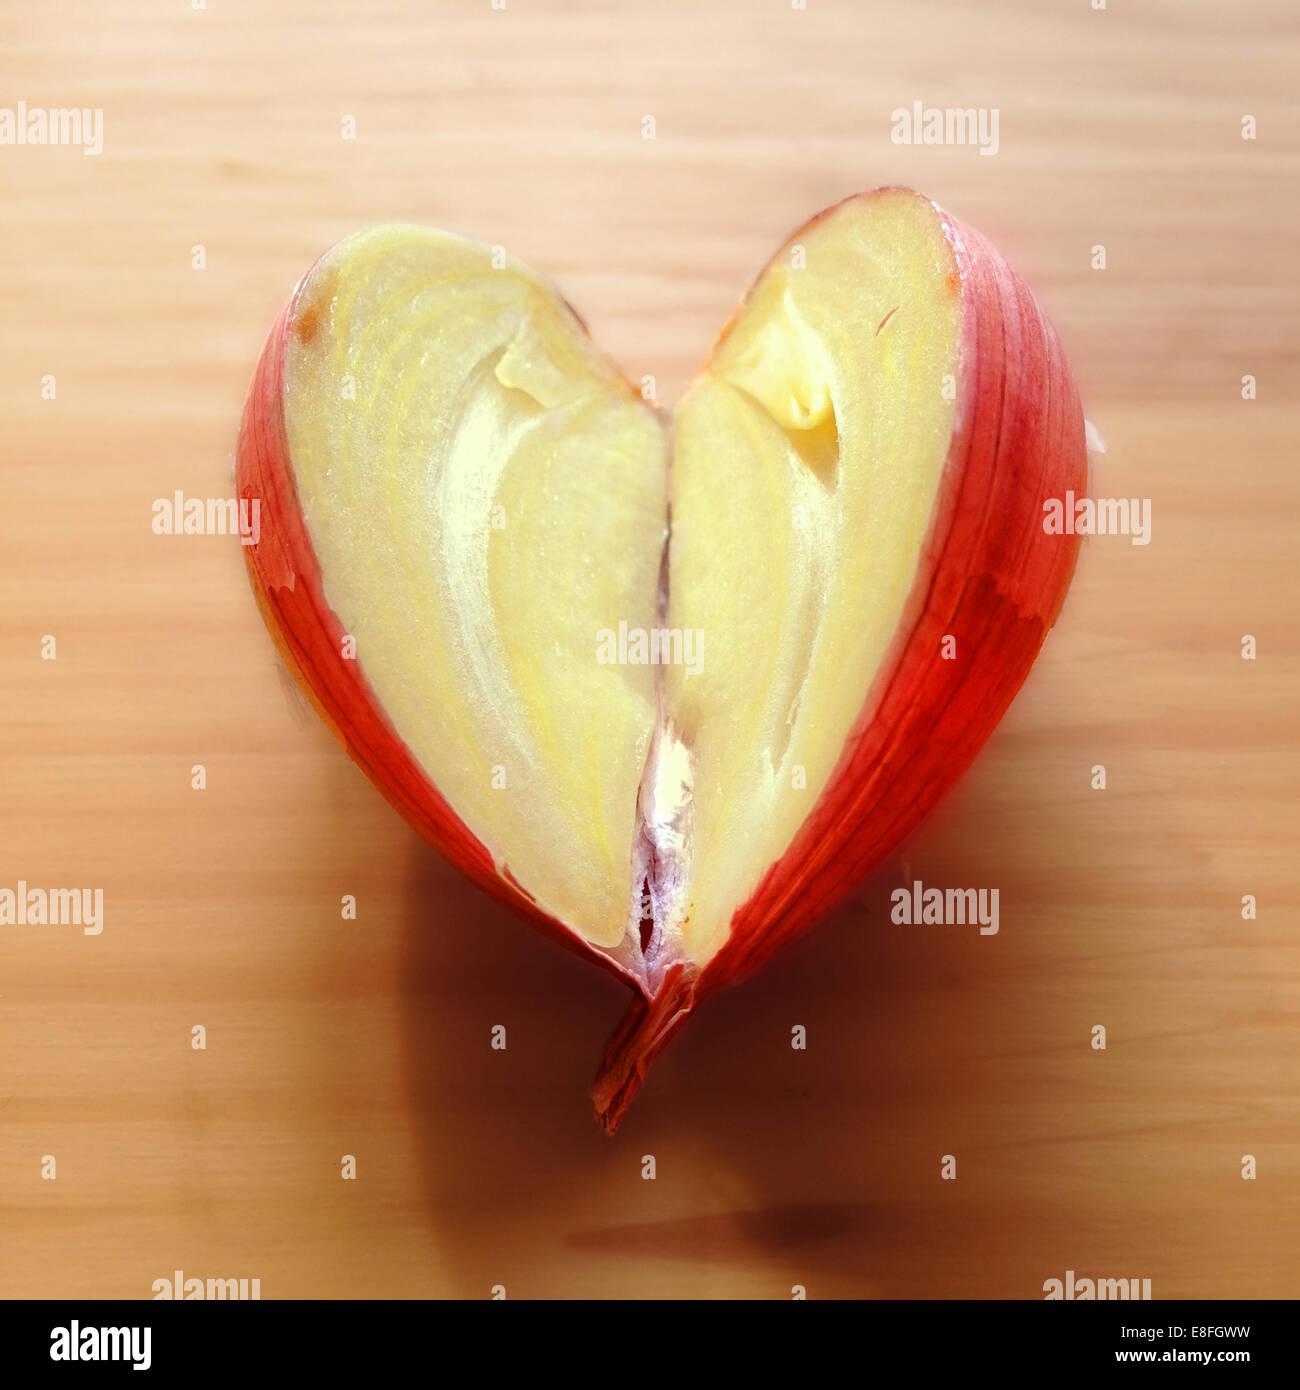 Herzförmige Knoblauchzehe halbieren Stockfoto